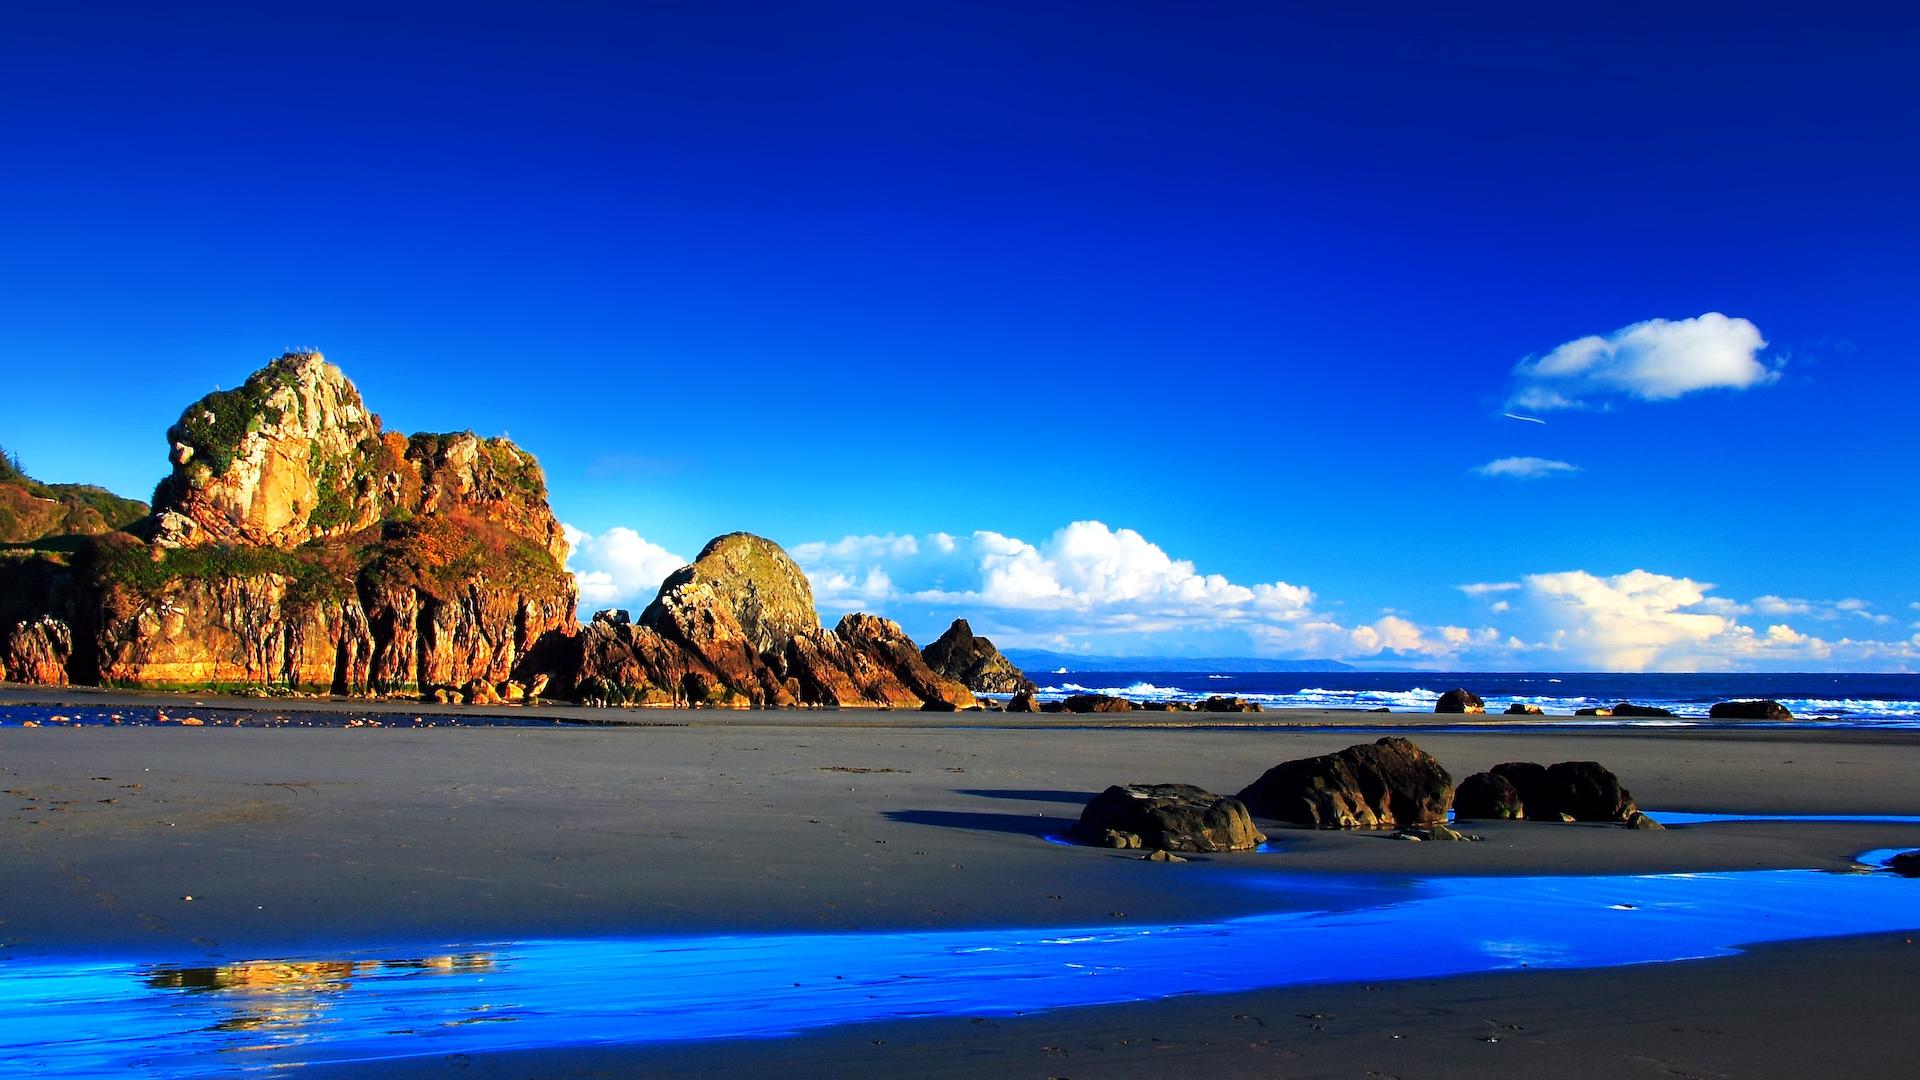 Windows Beach Vista Beaches wallpapers HD   271882 1920x1080